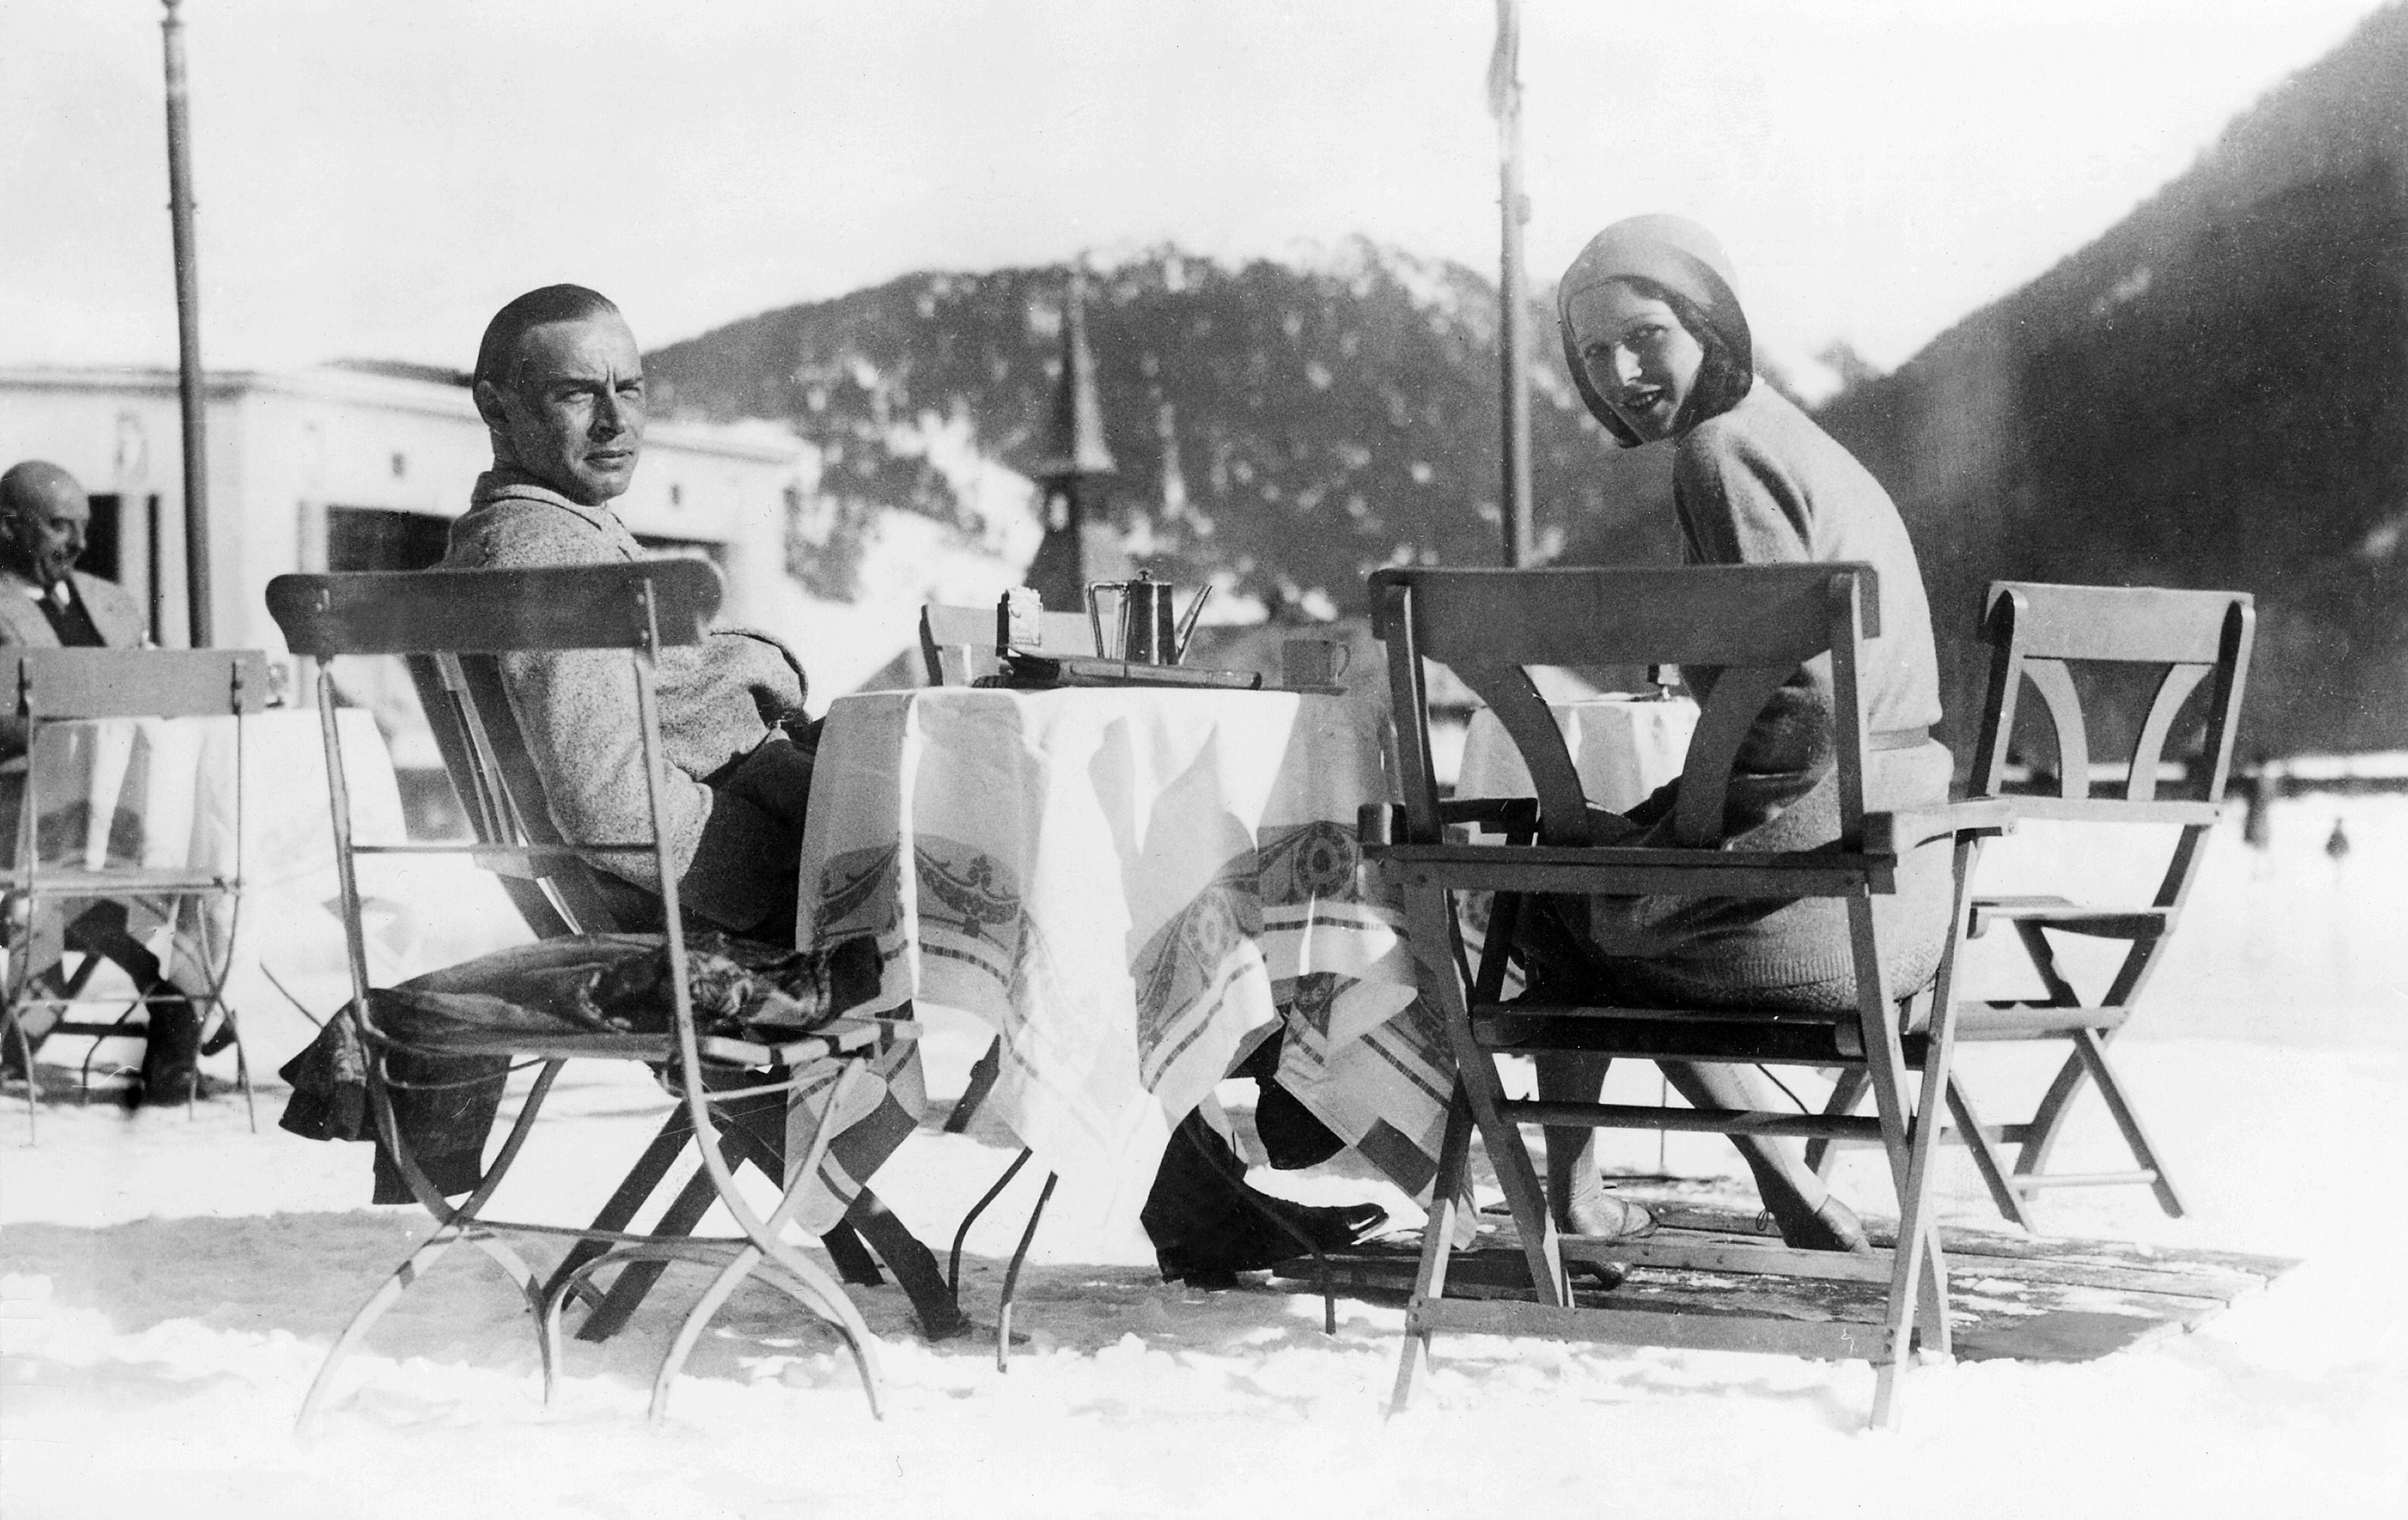 Эрих Мария Ремарк сголливудской актрисой ибудущей женой Полетт Годдар вДавосе, Швейцария, 1 января 1930 года